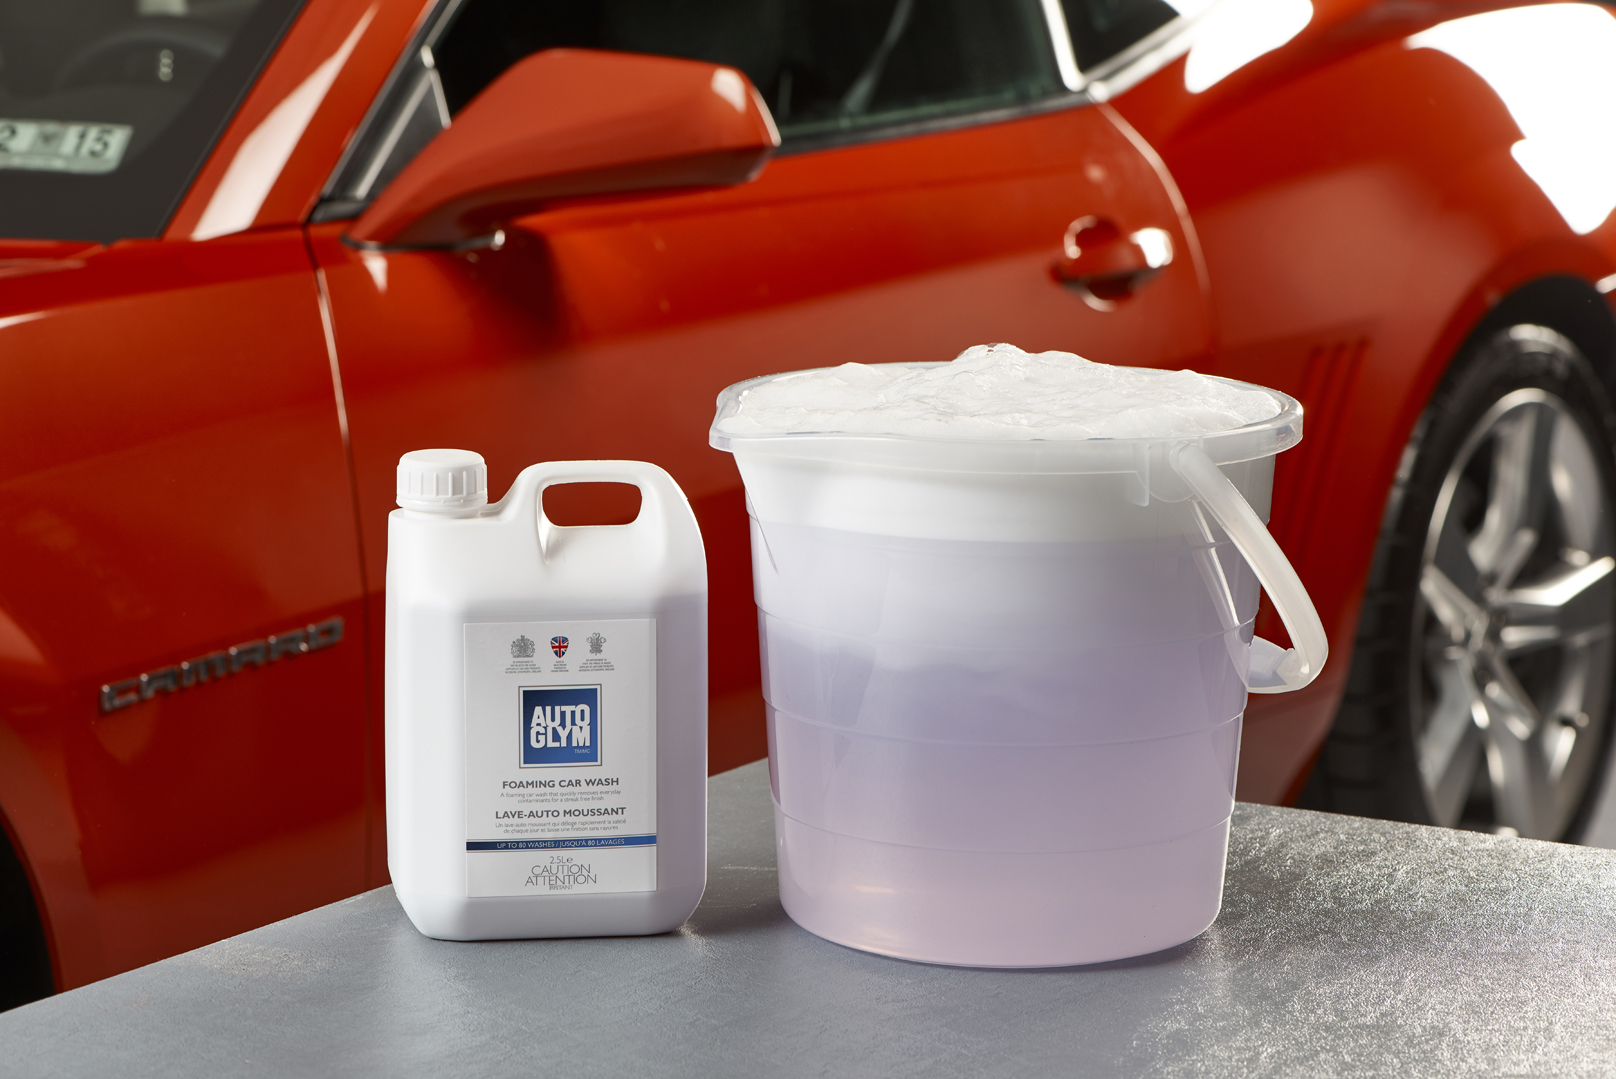 autoglym foaming car wash